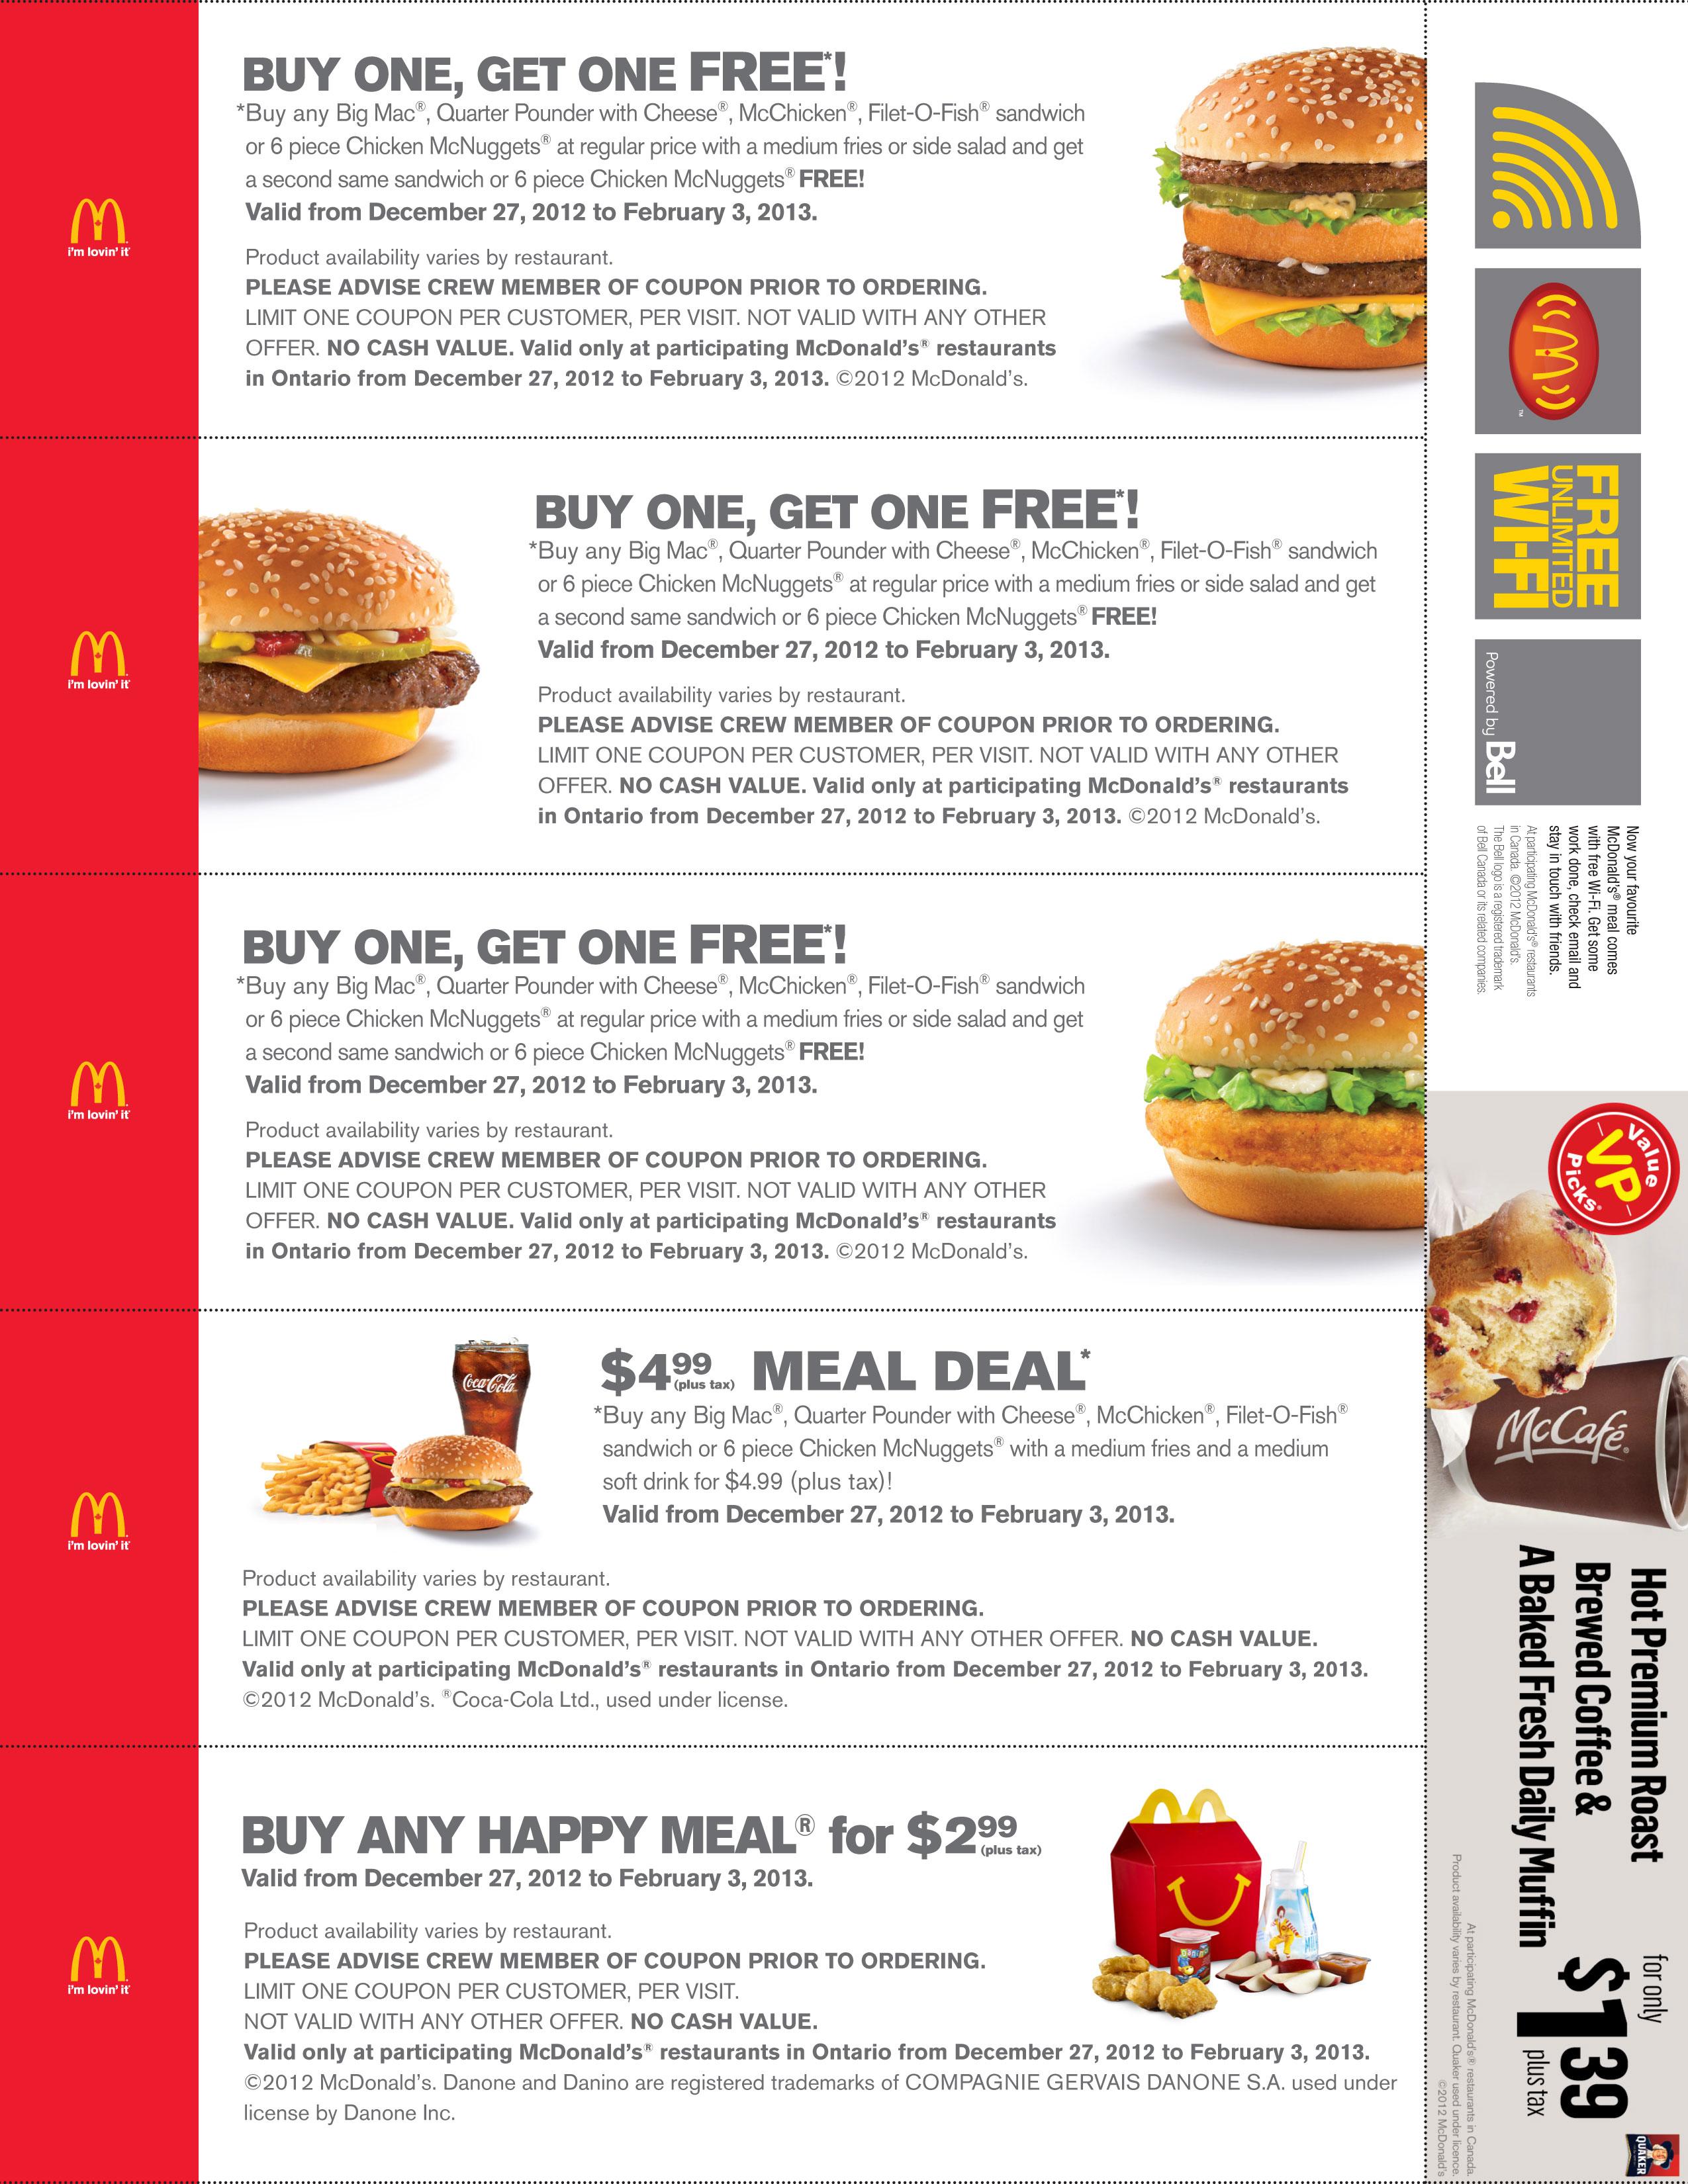 Mcdonald's Specials Bogo – Print Free Coupon (4) – Printable Coupons - Bogo Free Coupons Printable